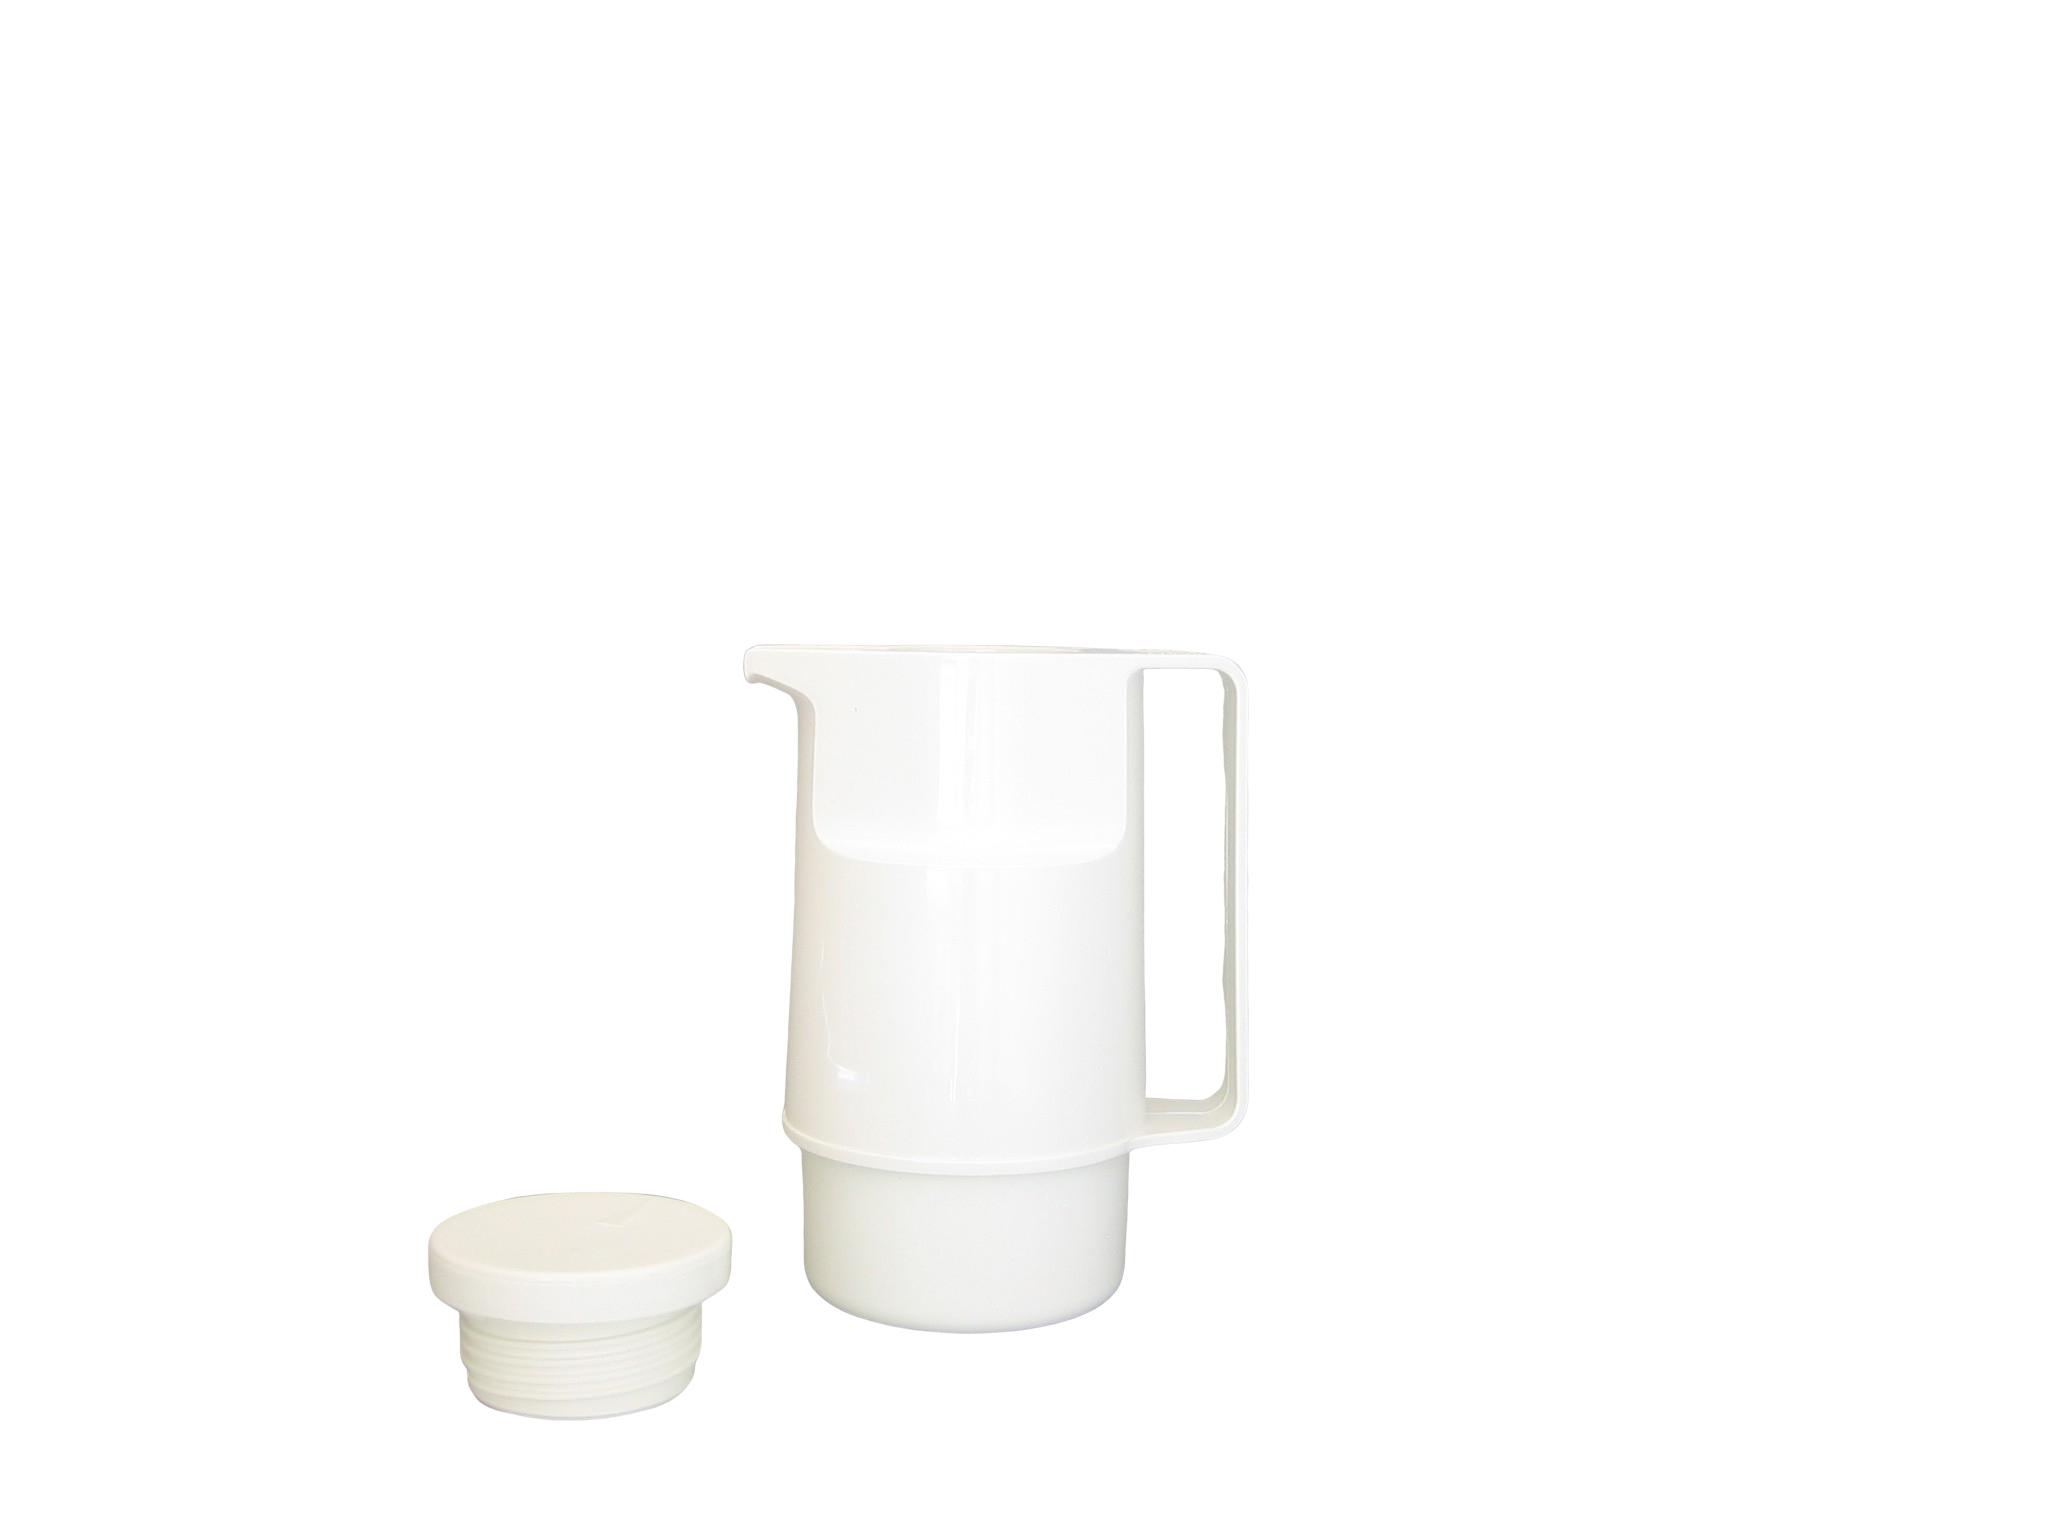 203-001 - Isoleerkan ABS wit 0.30 L - Isobel